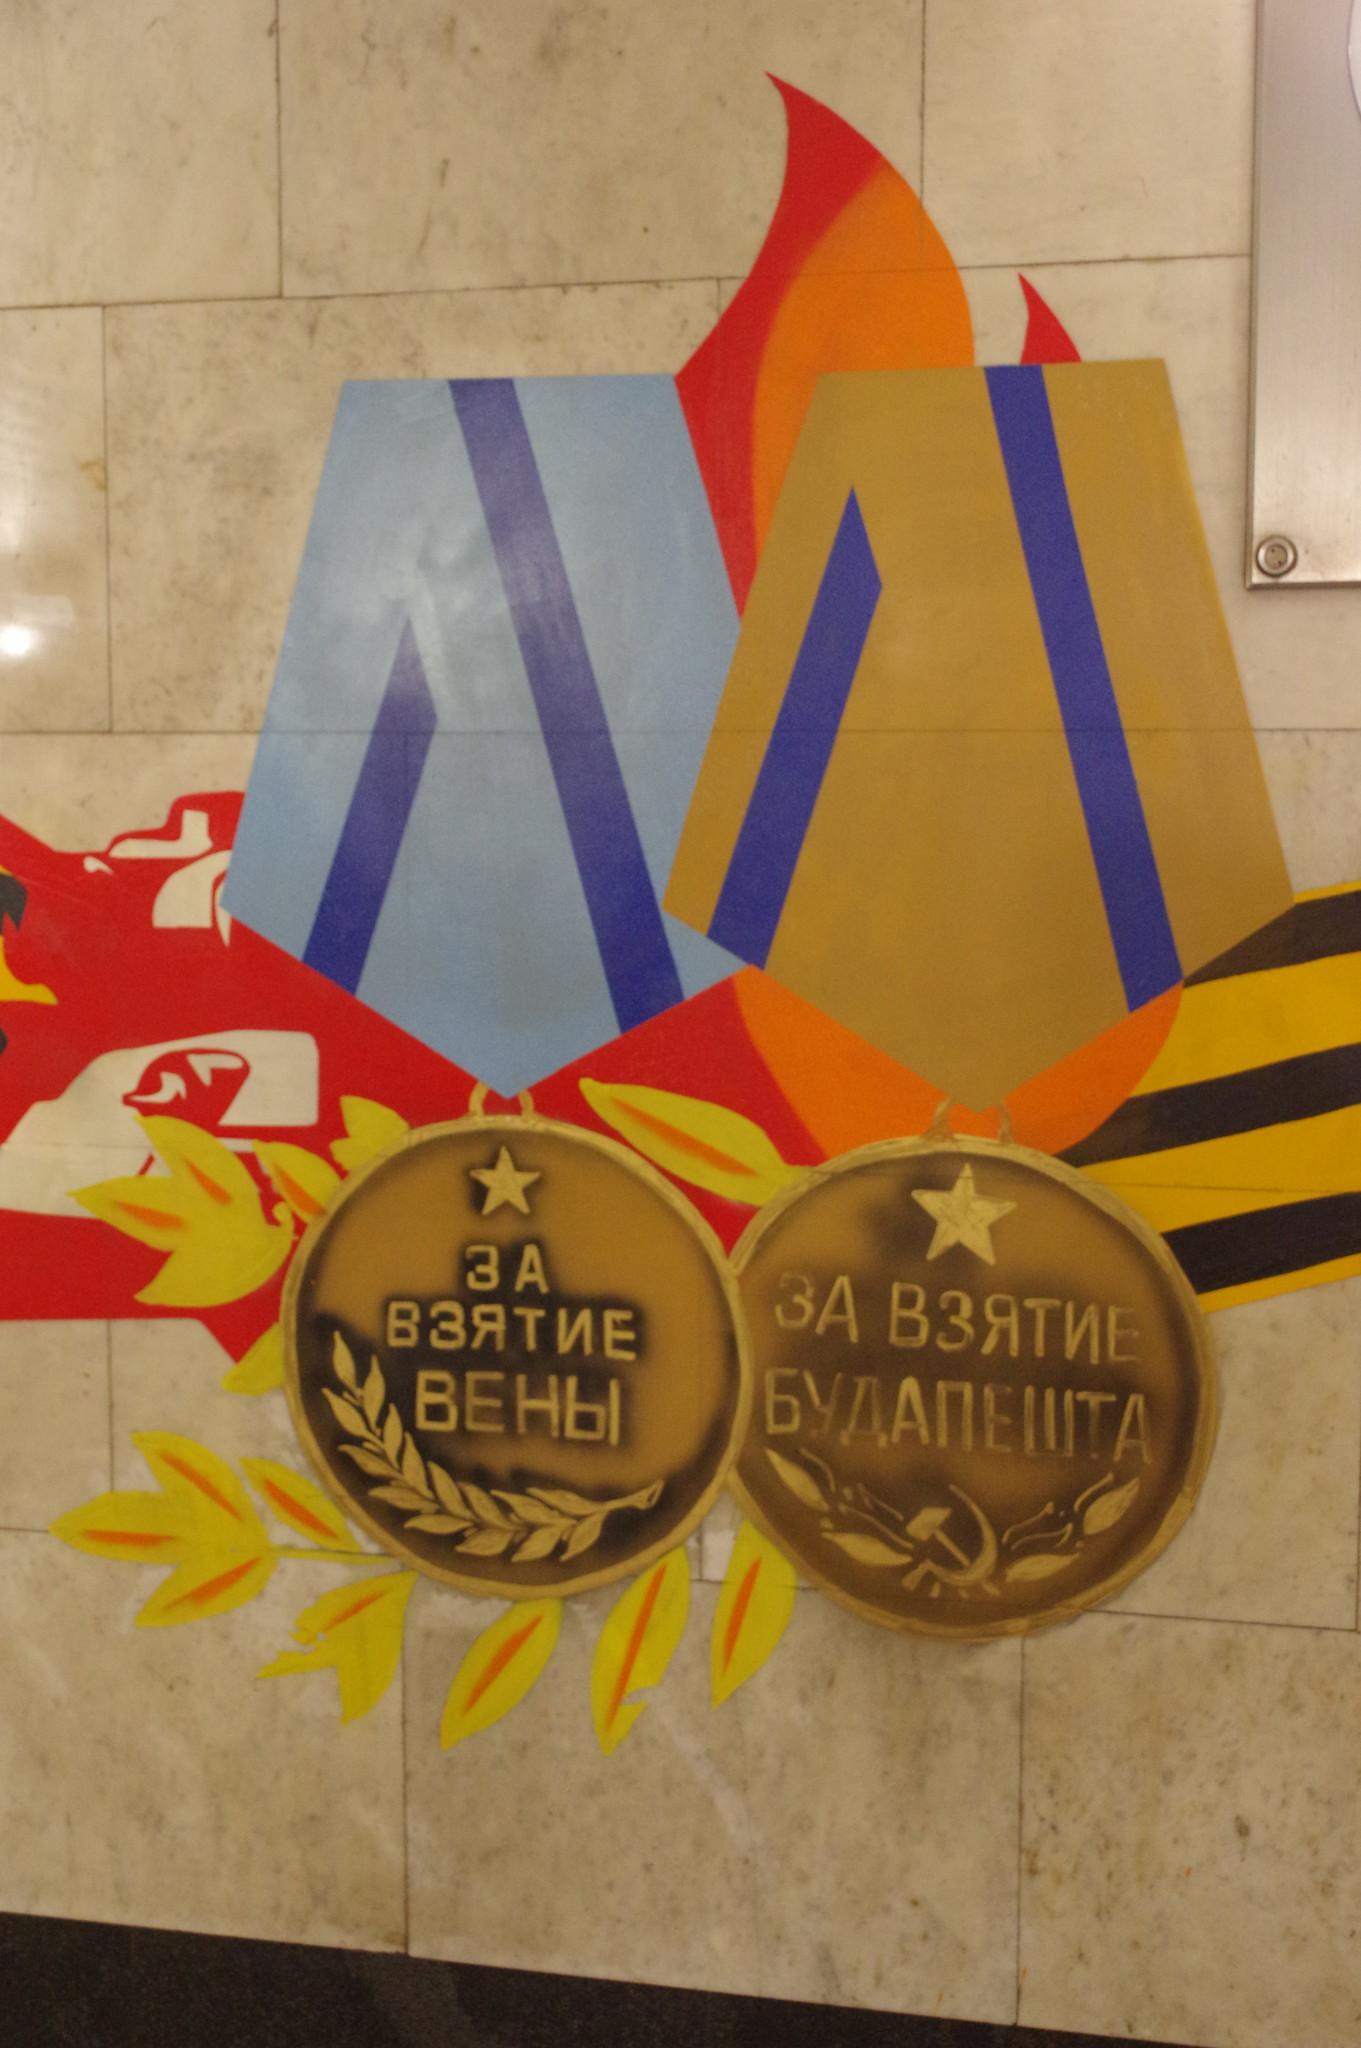 Медали «За взятие Вены» и «За взятие Будапешта». Cтанция «Парк Победы» Арбатско-Покровской линии Московского метрополитена